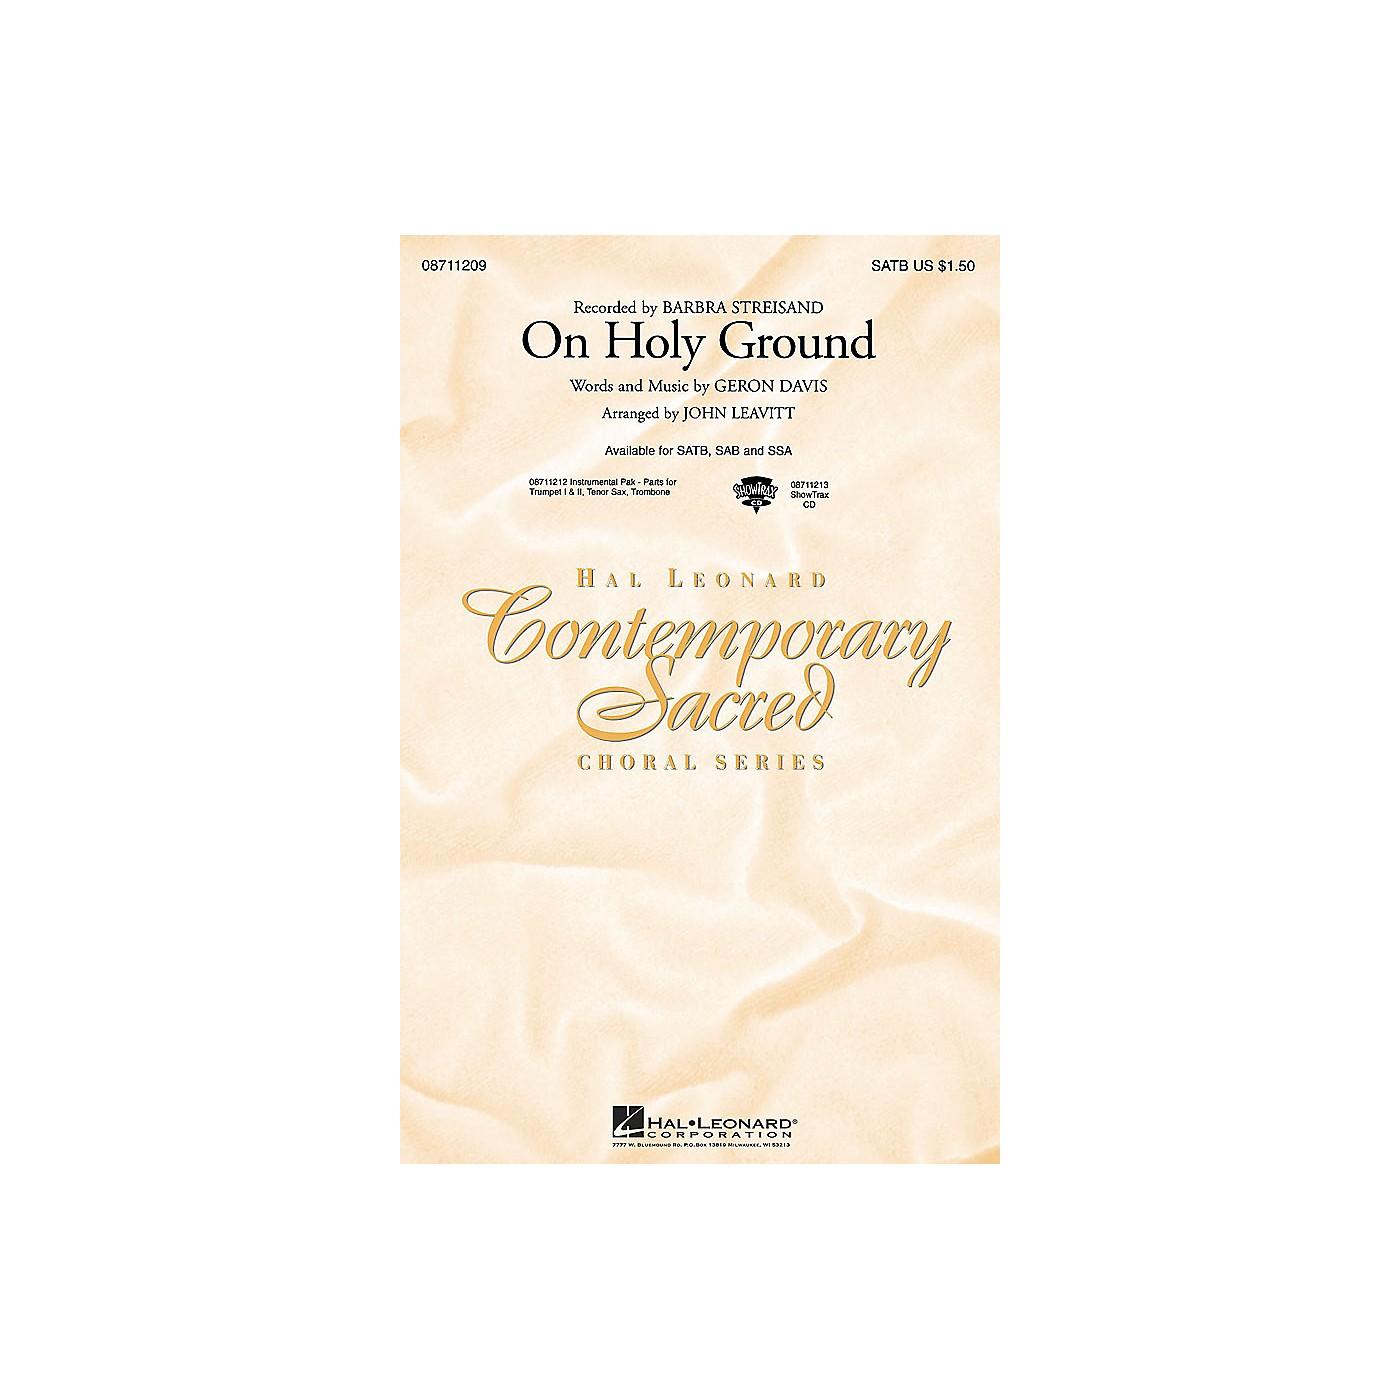 Hal Leonard On Holy Ground ShowTrax CD by Barbra Streisand Arranged by John Leavitt thumbnail